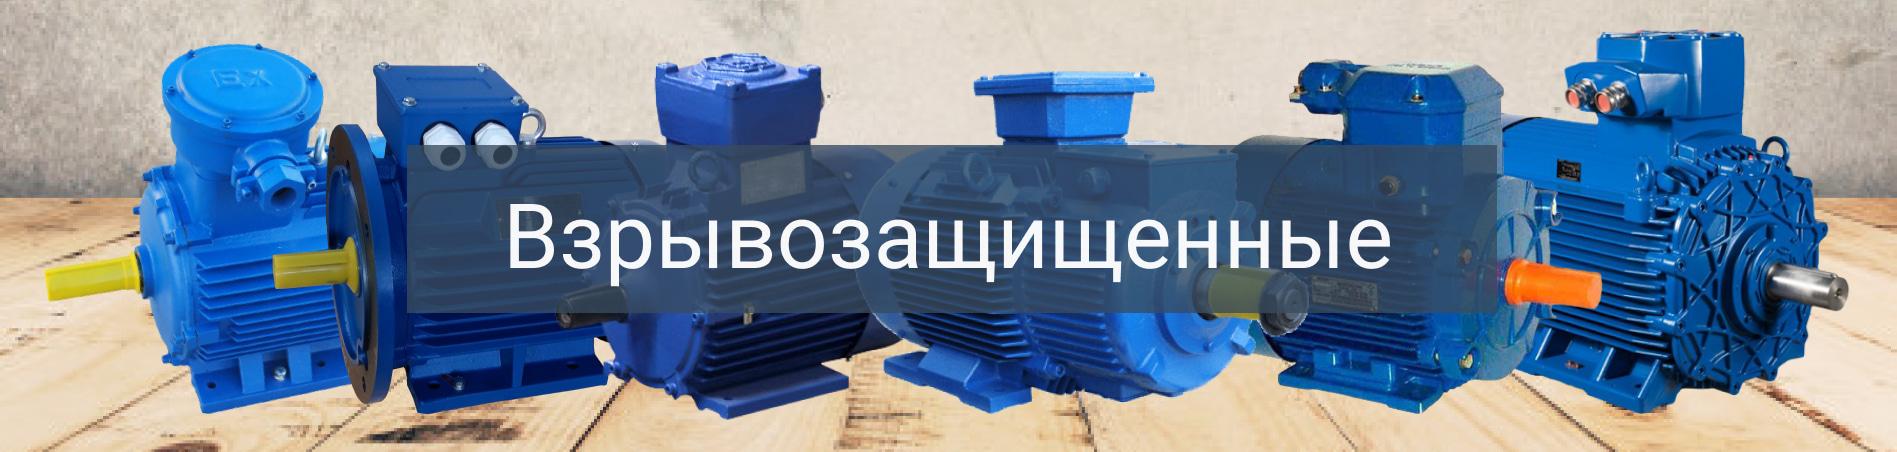 Взрывозащищенные электродвигатели 18,5 квт